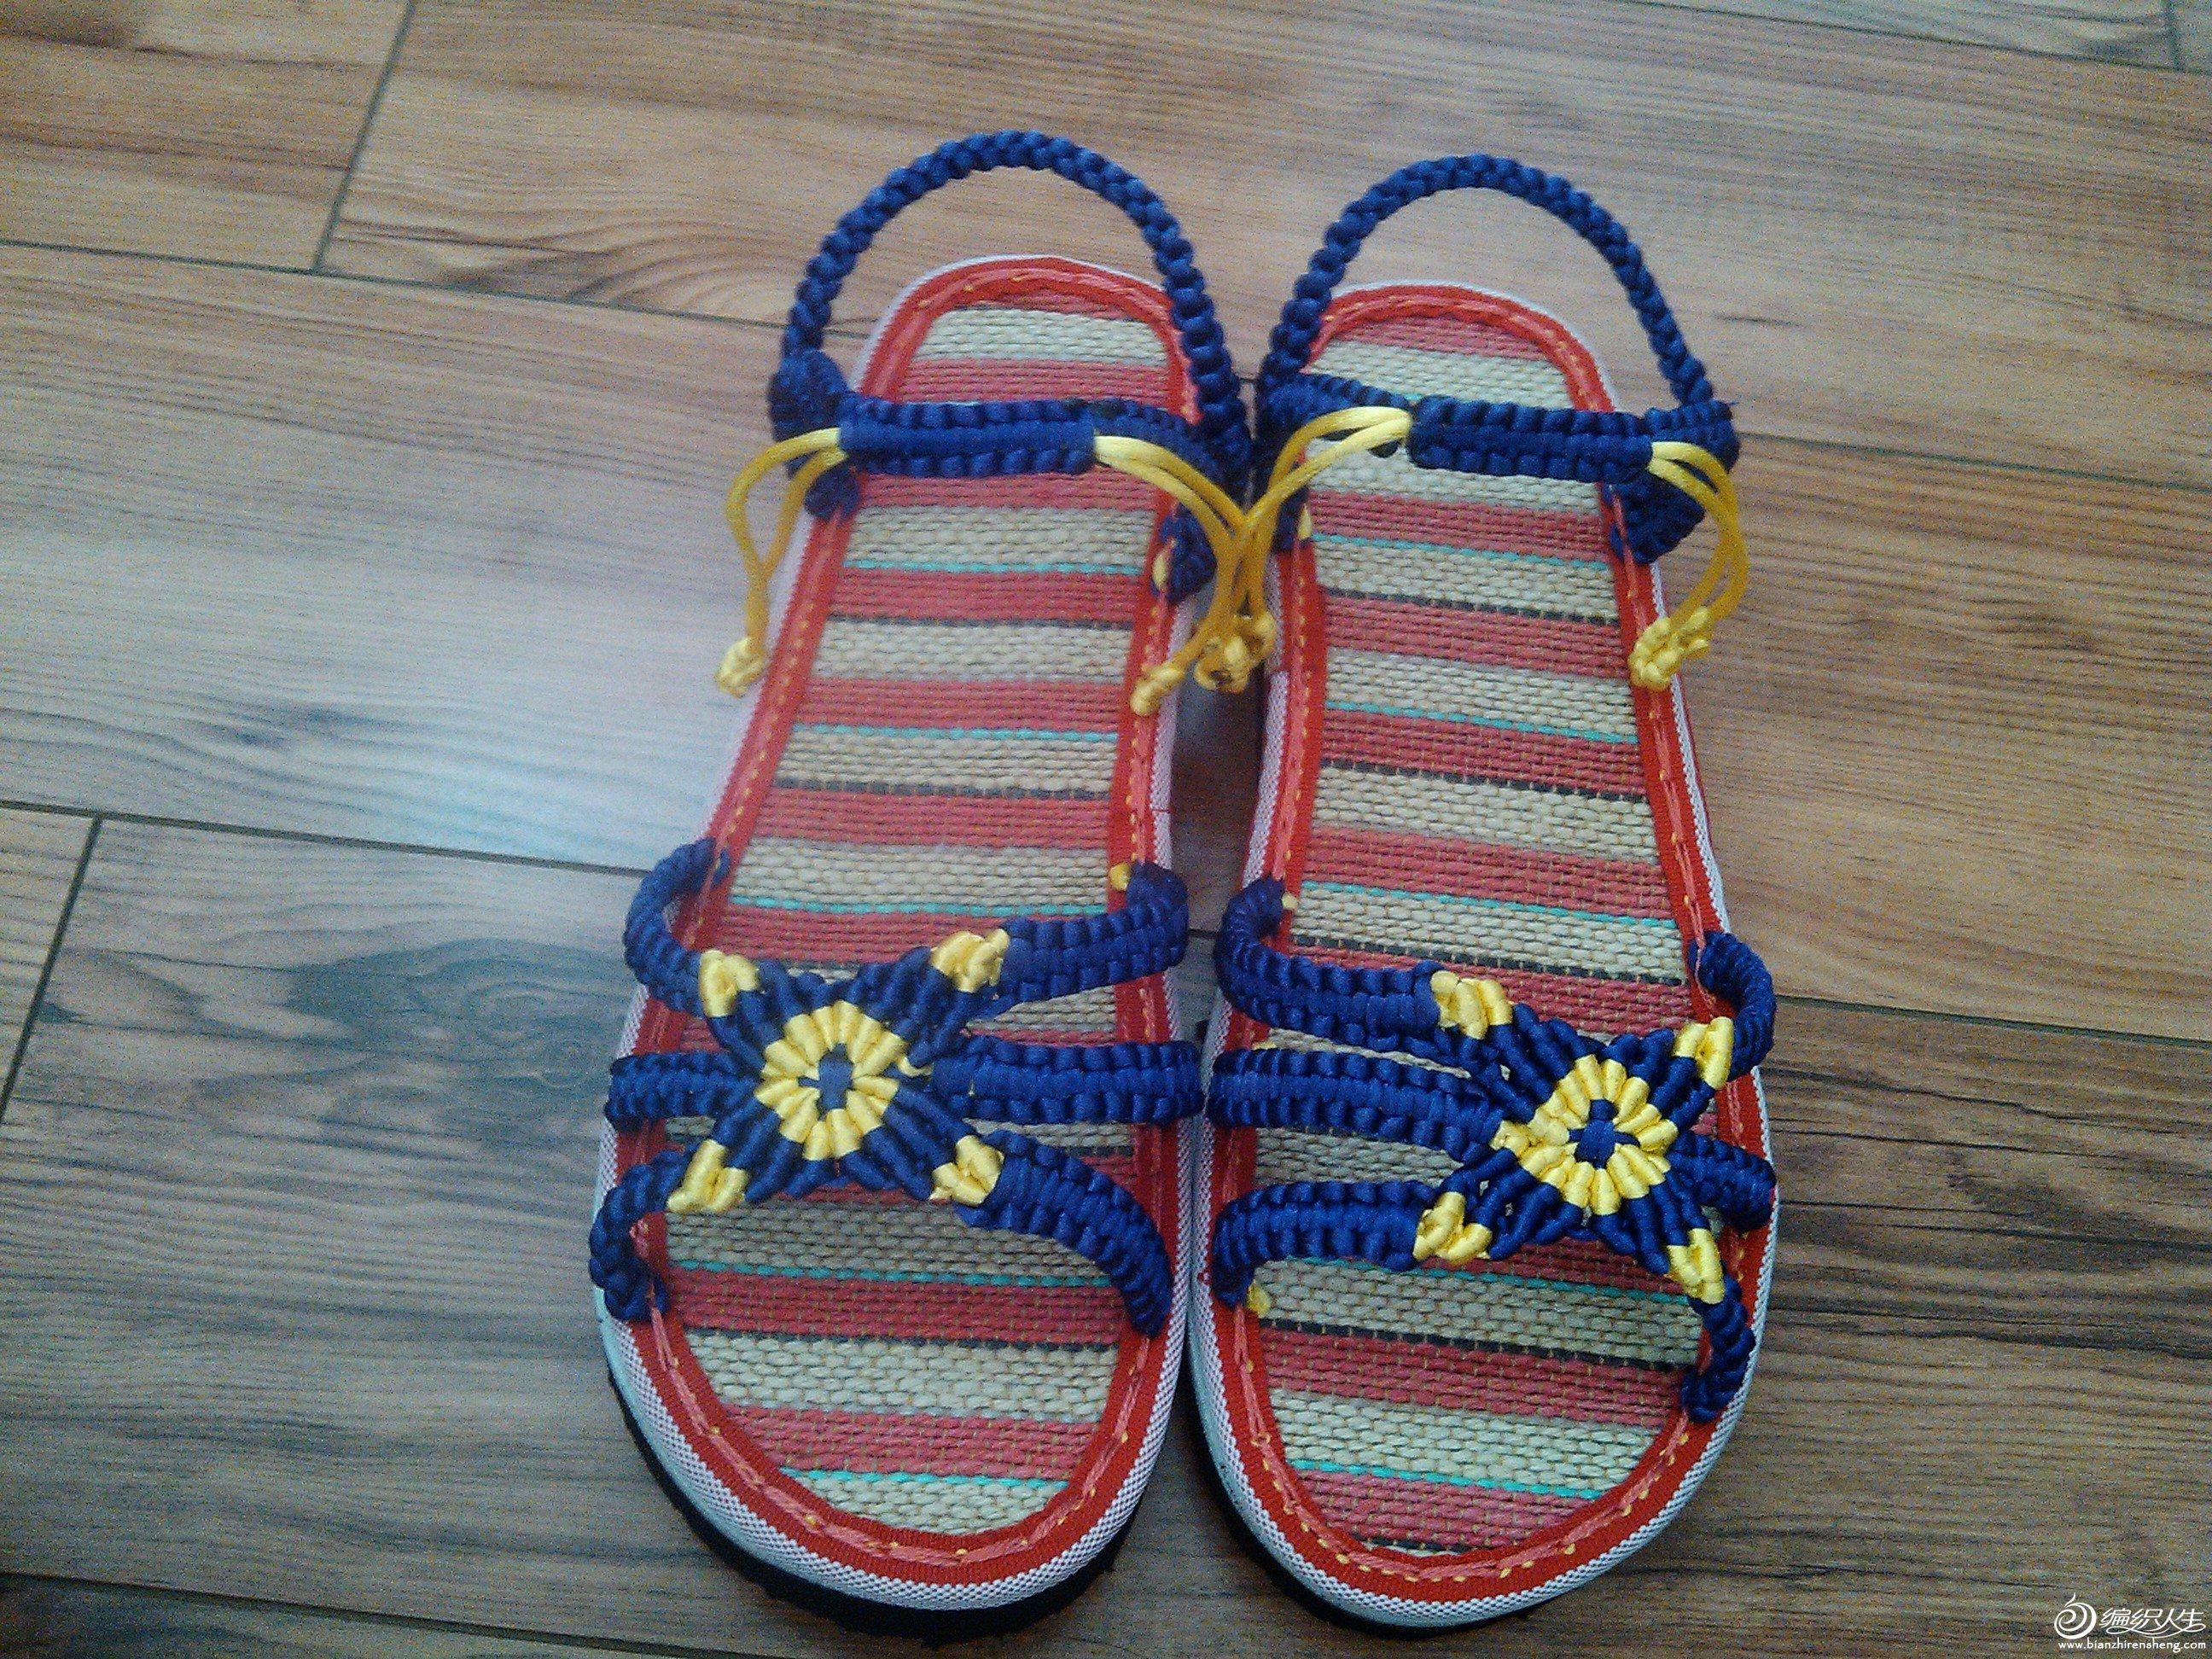 我的中国结拖鞋_其它手工作品及教程_编织人生论坛